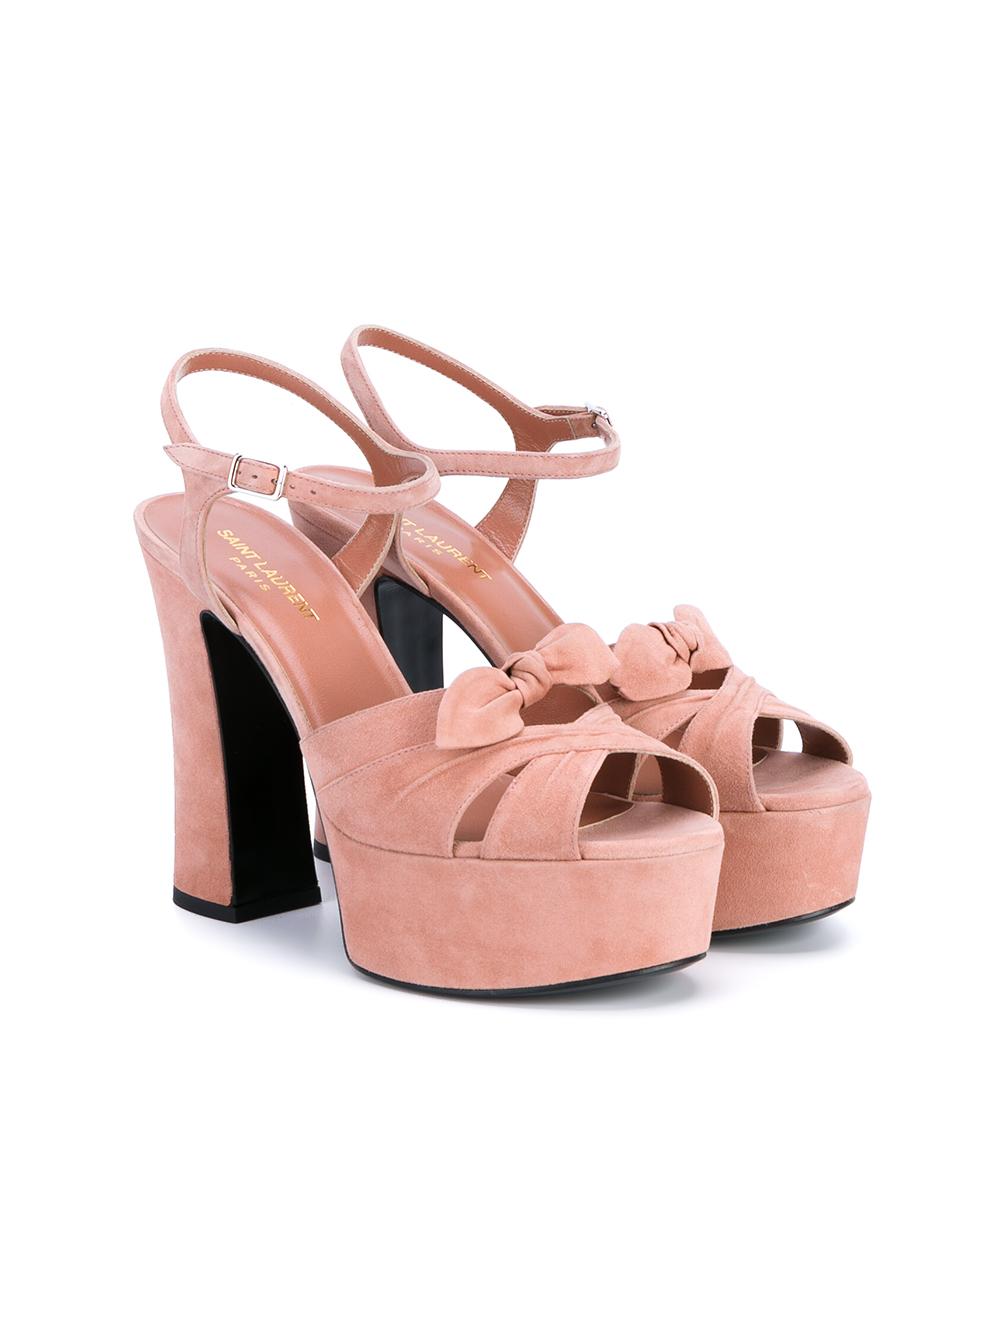 buy cheap low cost Saint Laurent Candy Bow Platform Sandals discount footaction outlet best place X9kKhkrqk